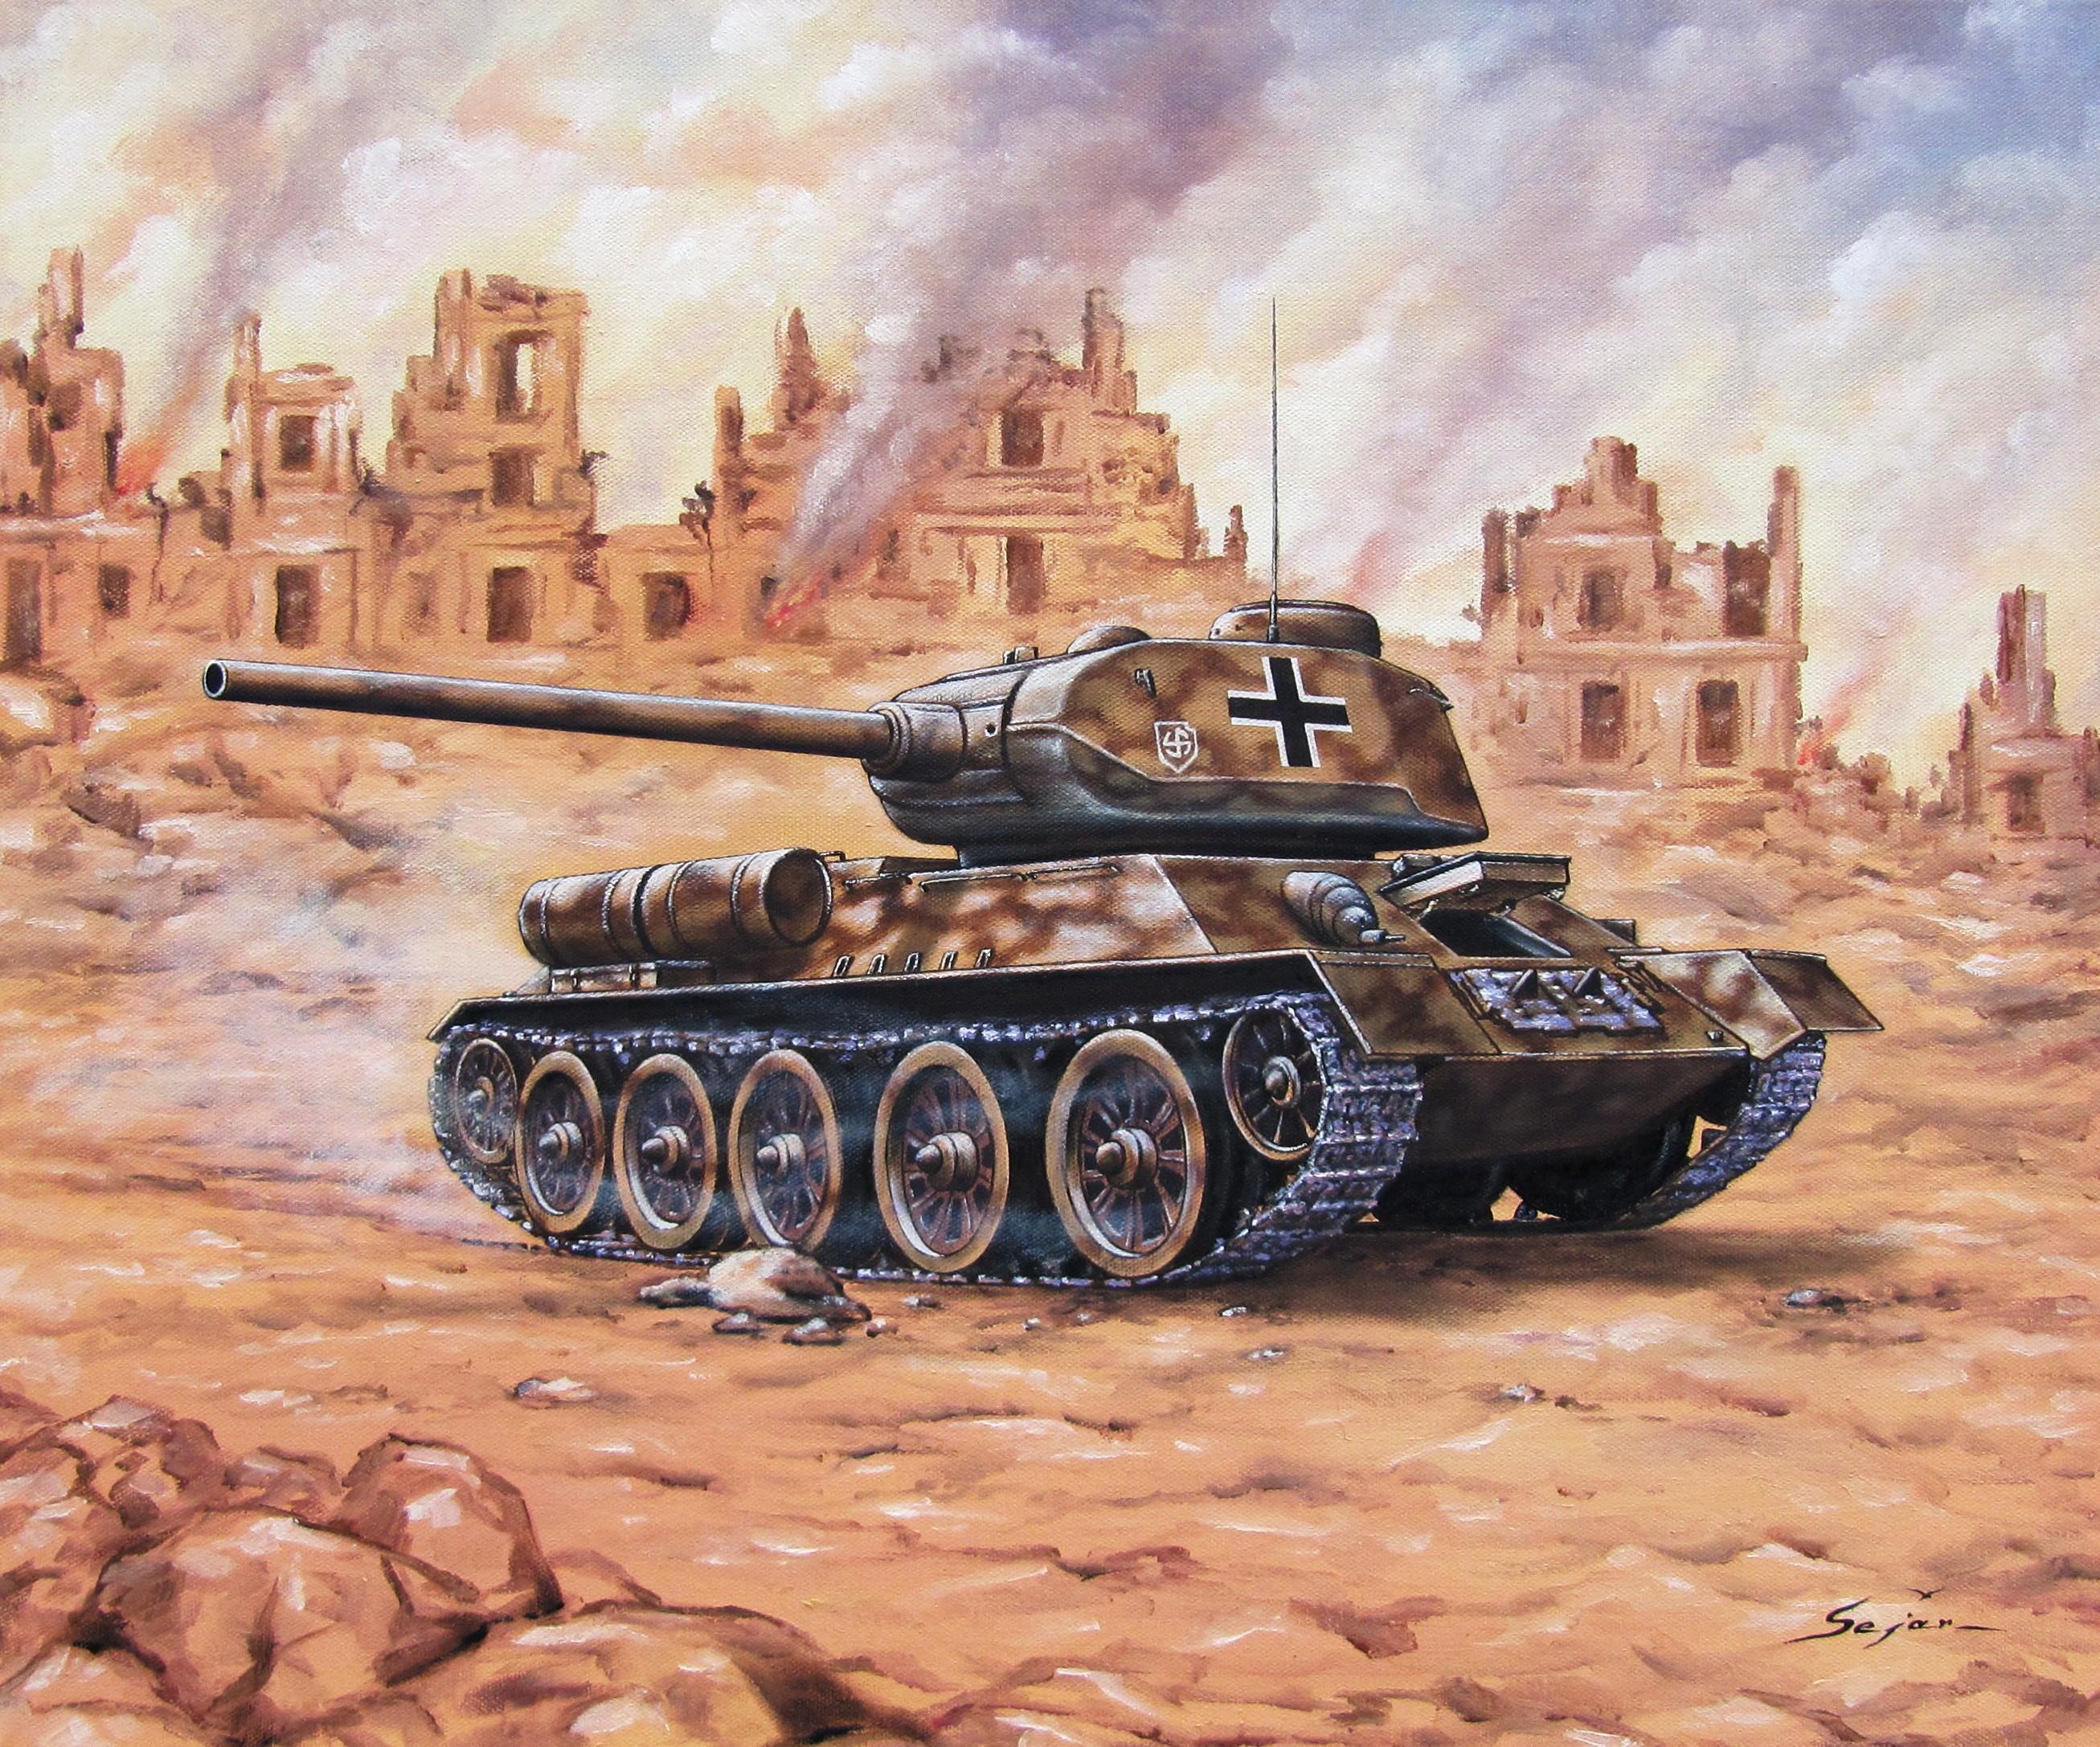 Бекиров Сеяр. Трофейный танк Т-35/85.